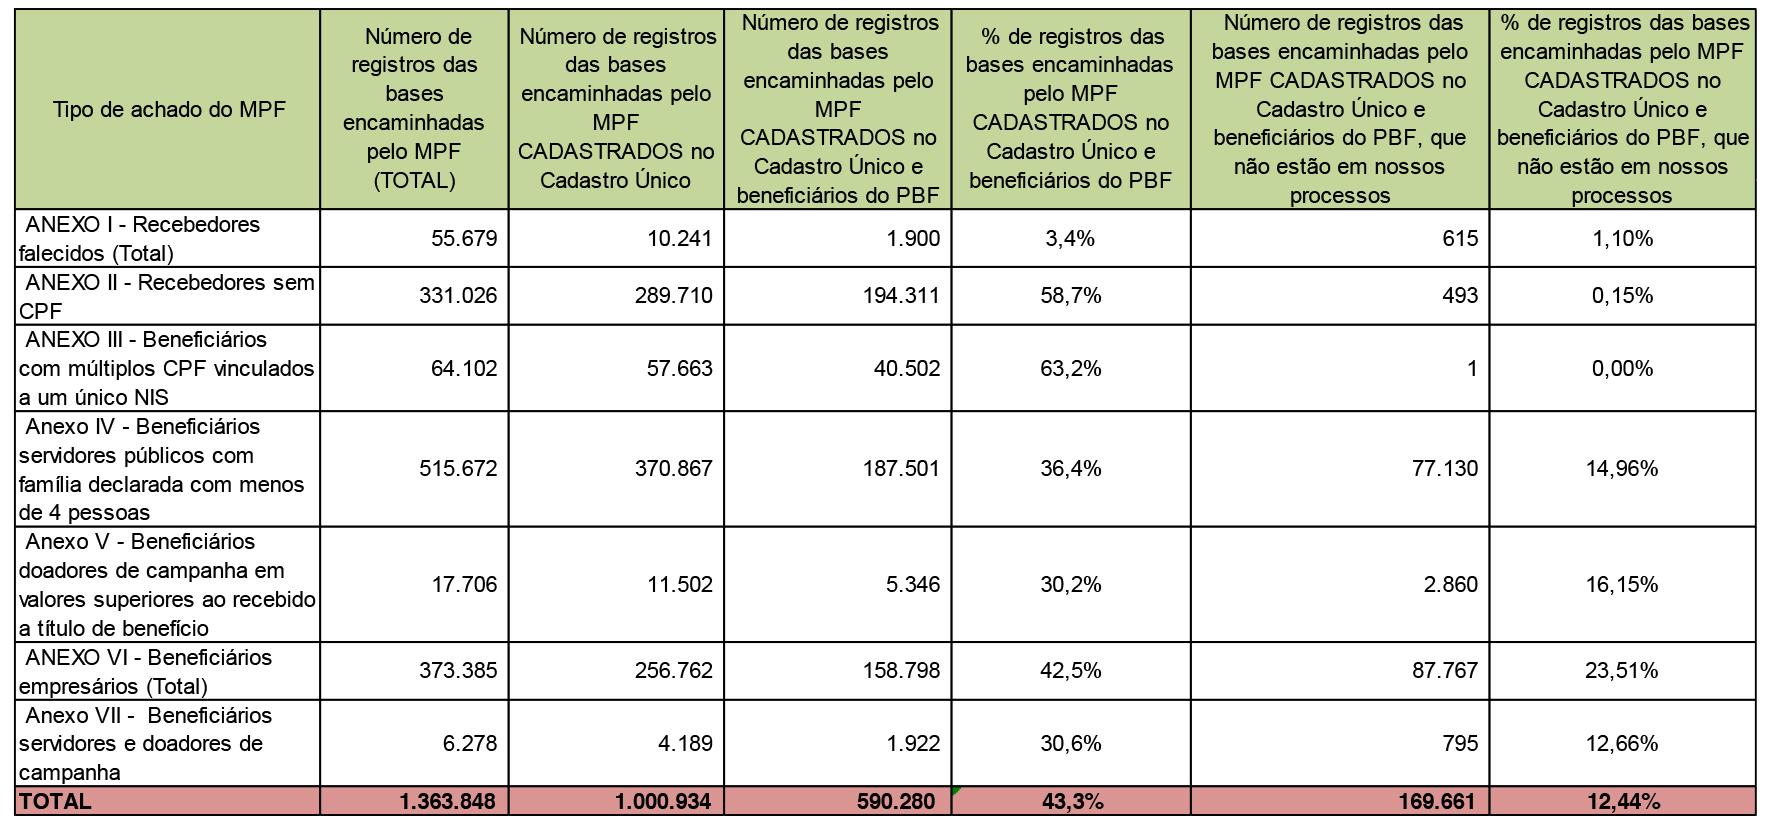 Tabela comparativa entre os números de registros encaminhados pelo Ministério Público e os números das bases do programa. (Fonte: SENARC/MDS.)